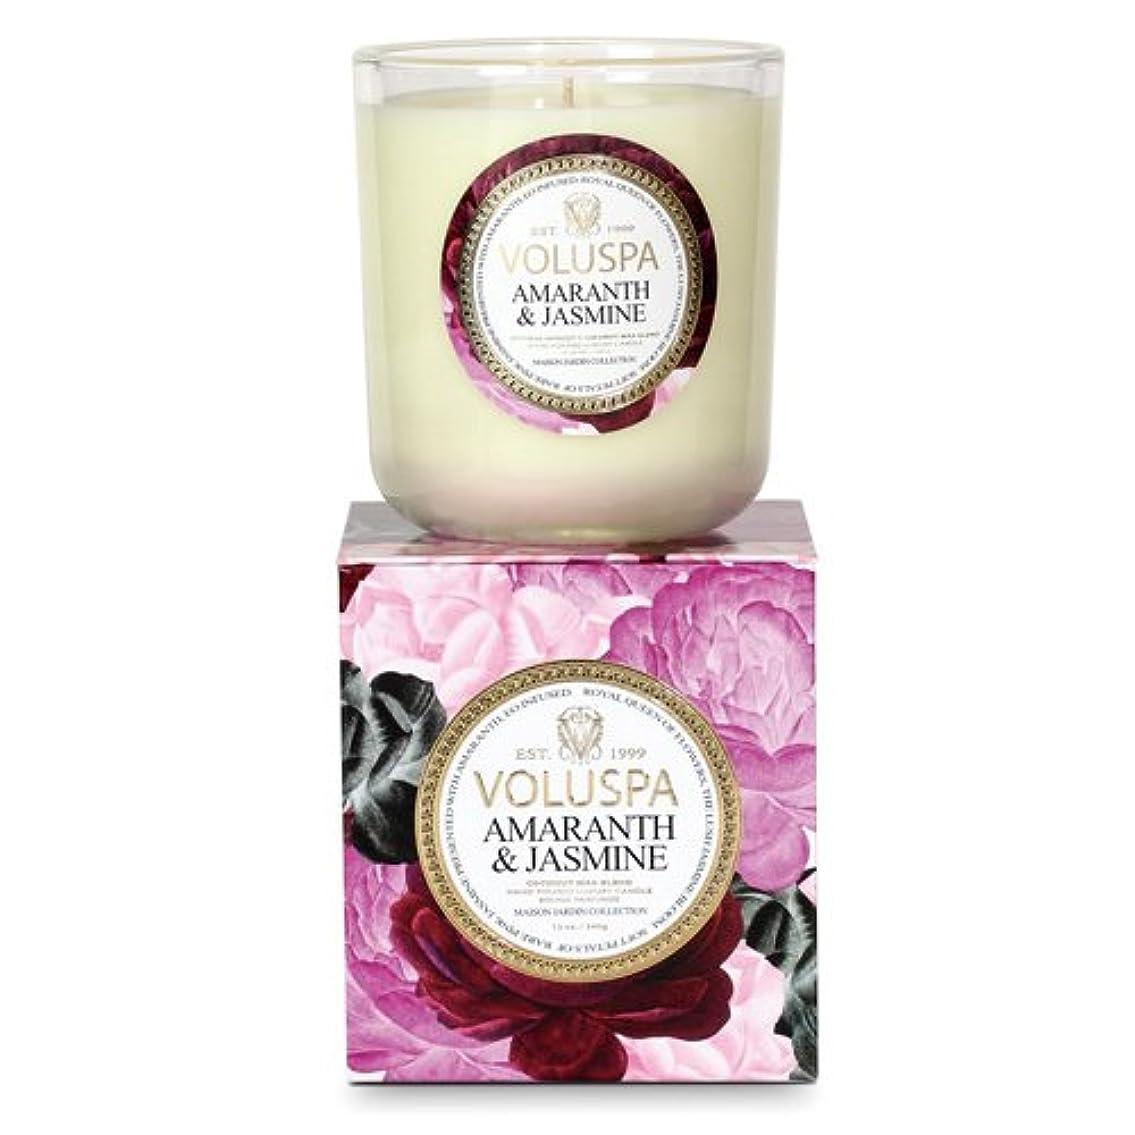 被るカイウスキルスVoluspa ボルスパ メゾンジャルダン ボックス入りグラスキャンドル アマランス&ジャスミン MAISON JARDIN Box Glass Candle AMARANTH & JASMINE